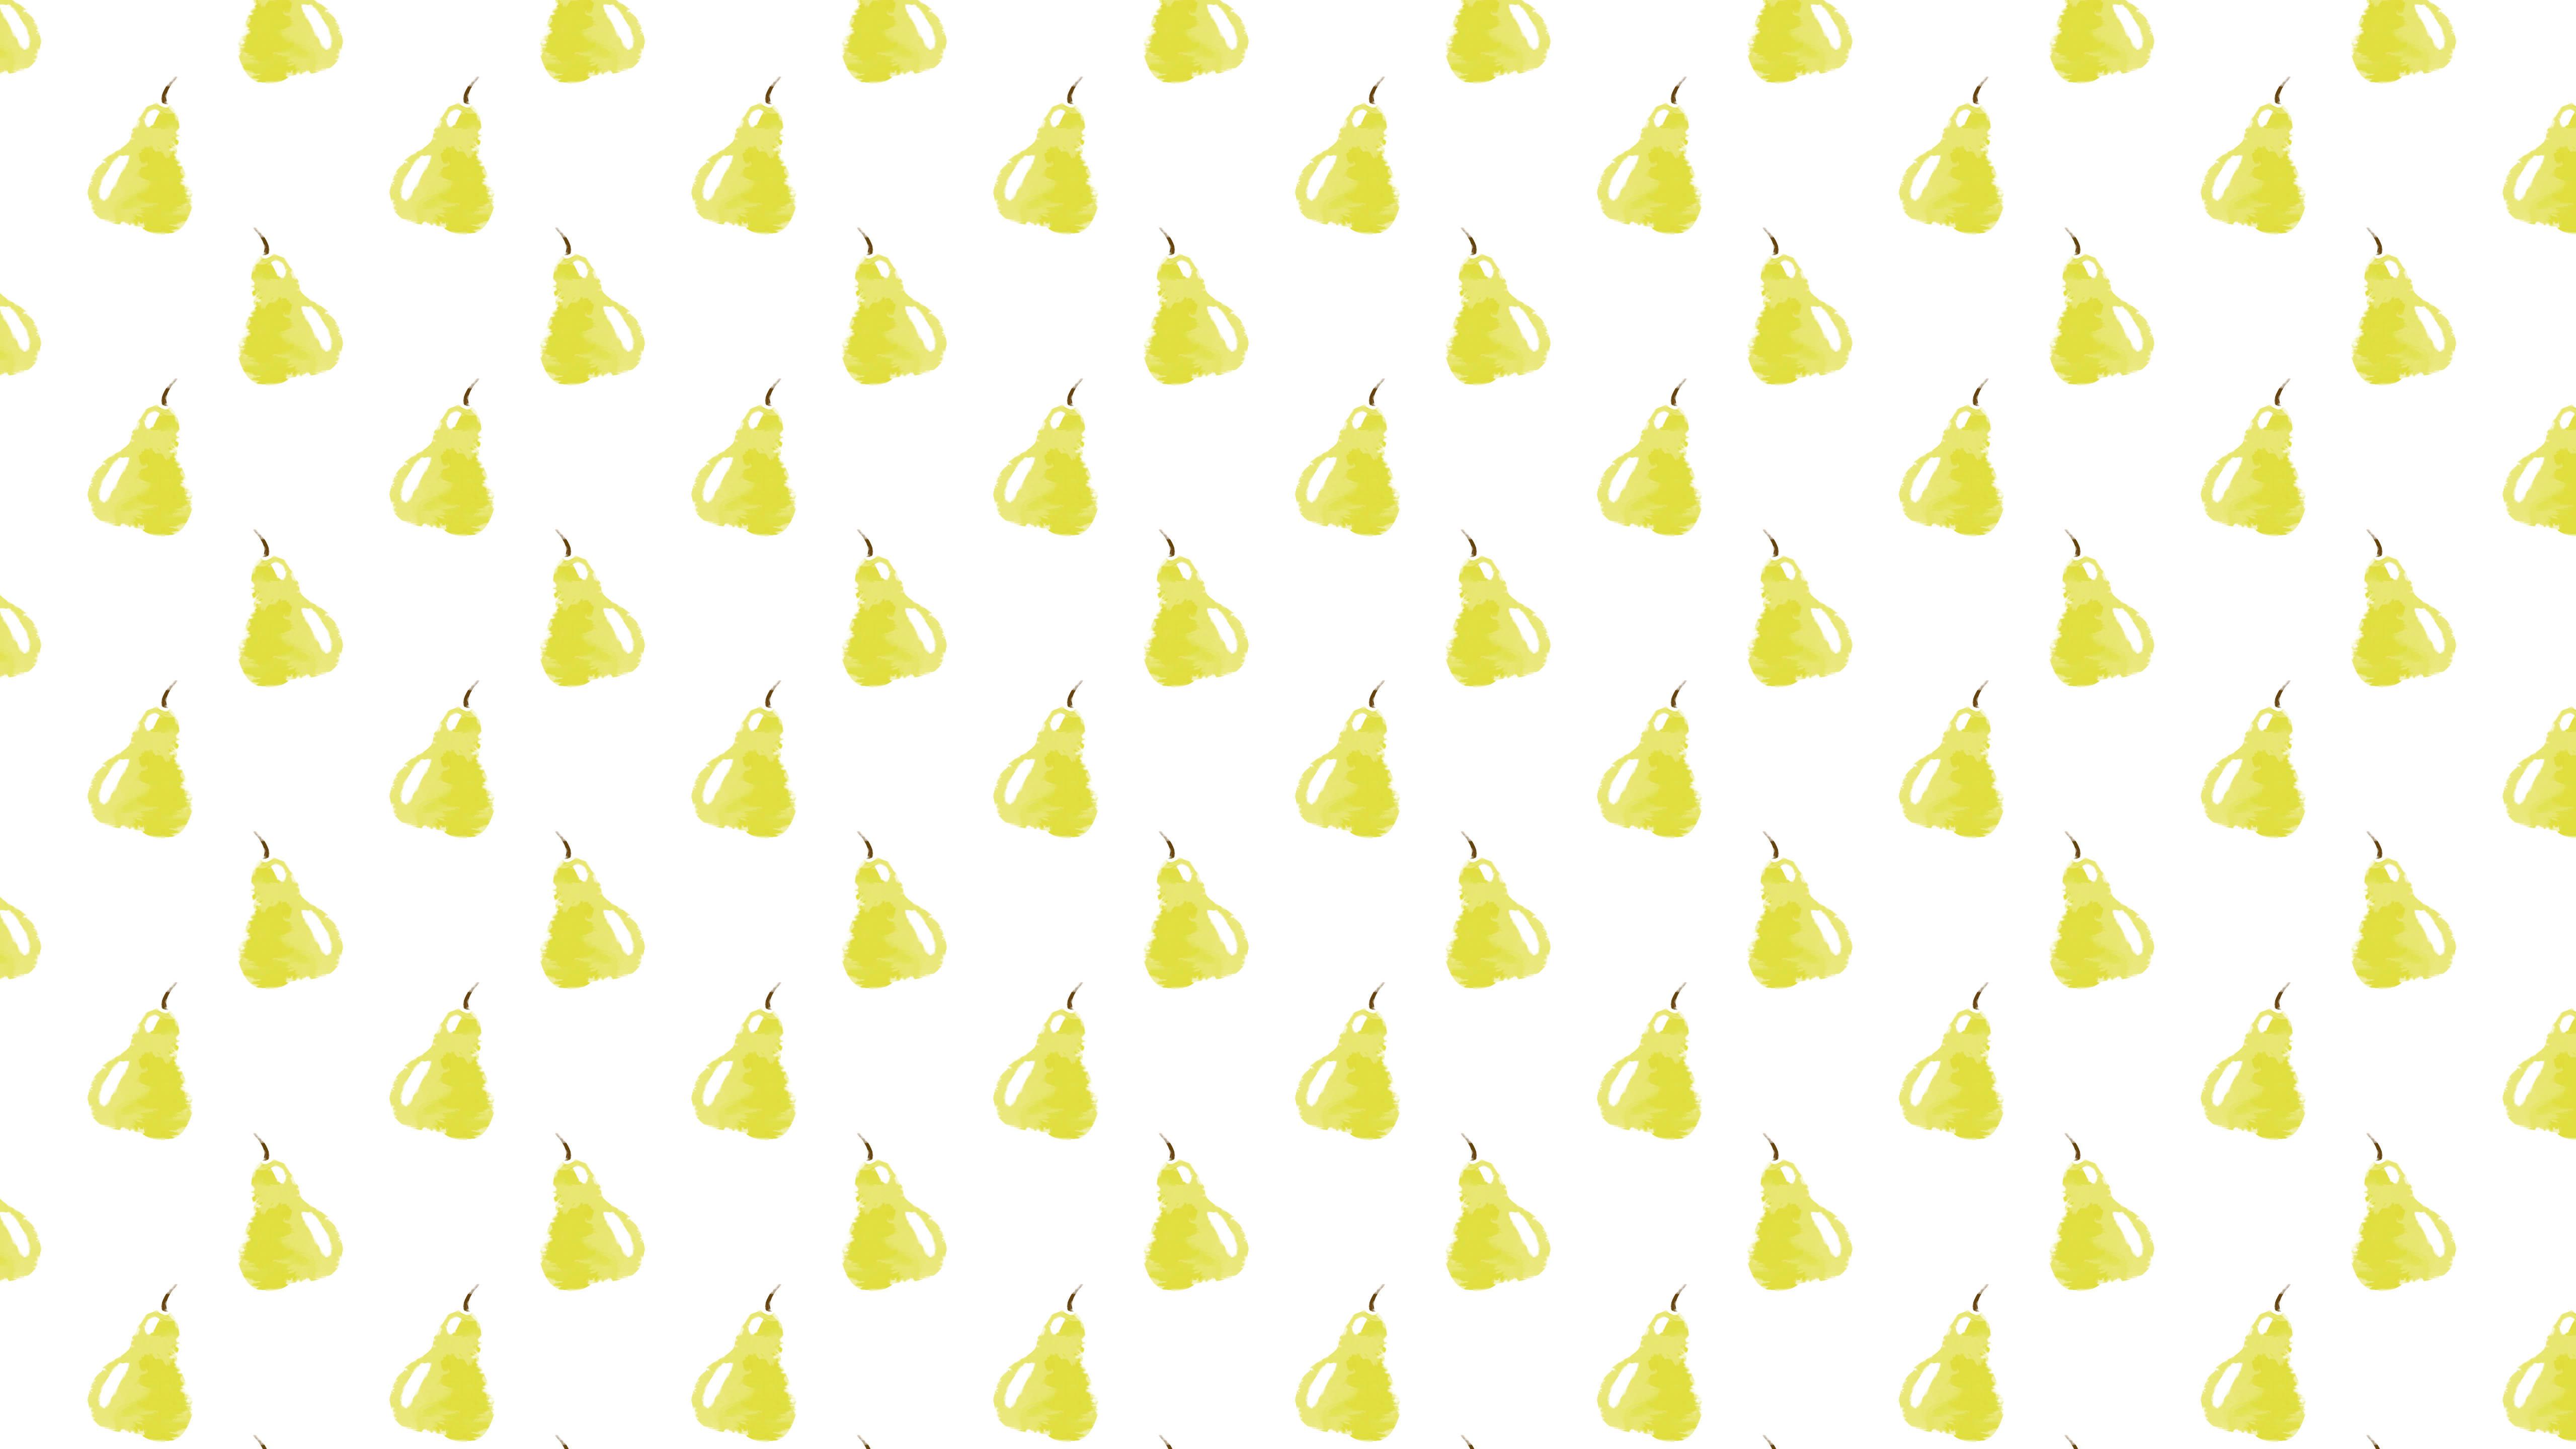 desktop wallpaper wallpapersc pcmac5k4k - photo #48